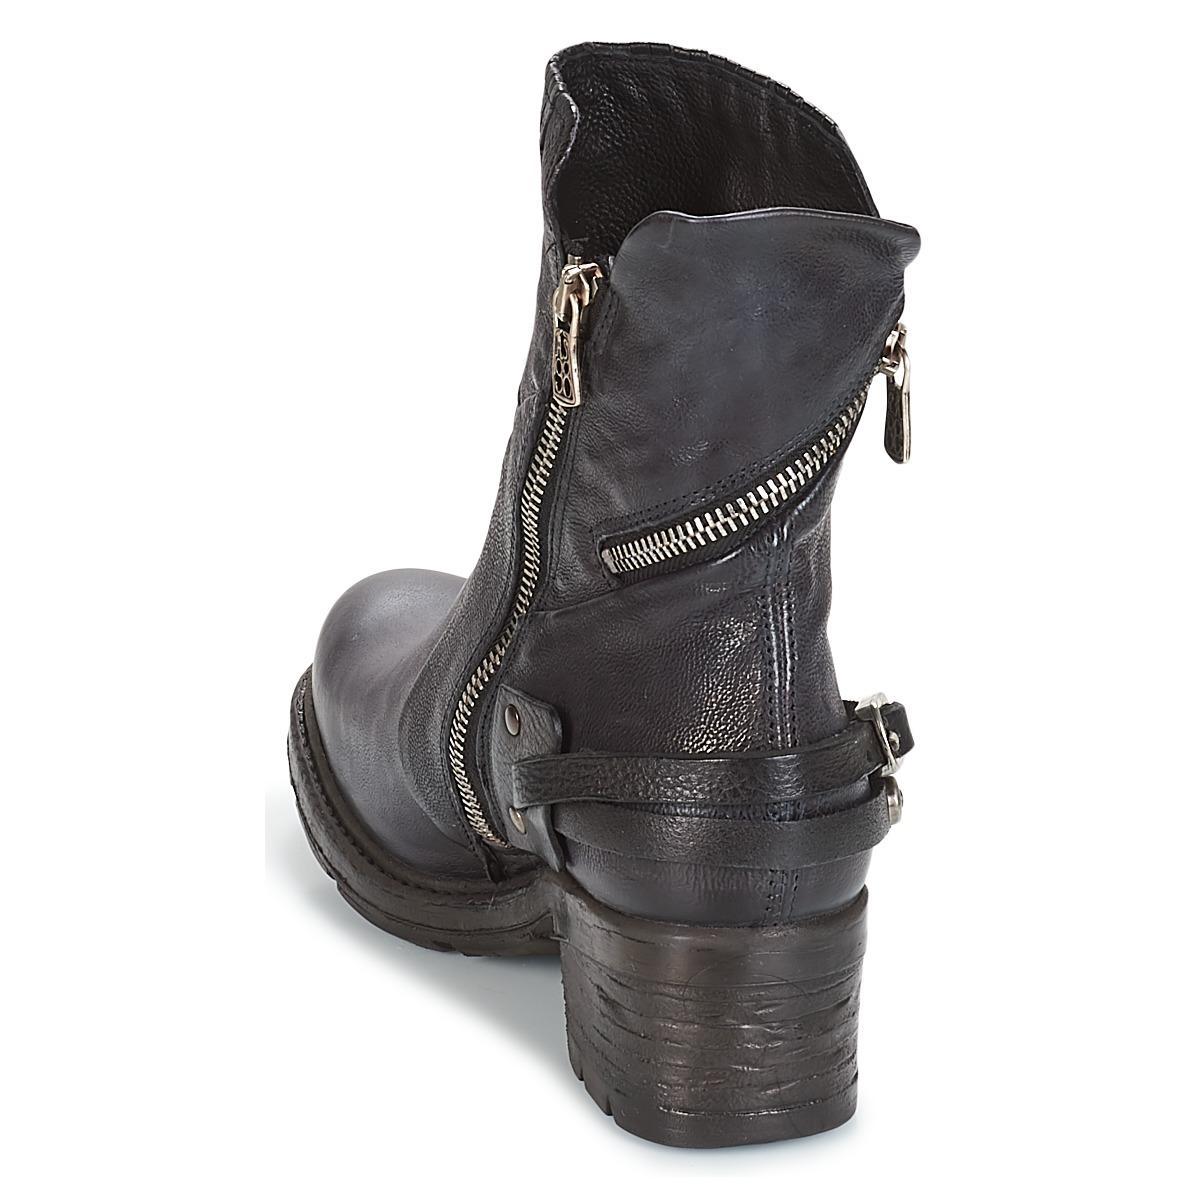 NOVA 17 Boots Cuir A.s.98 en coloris Bleu - 15 % de réduction